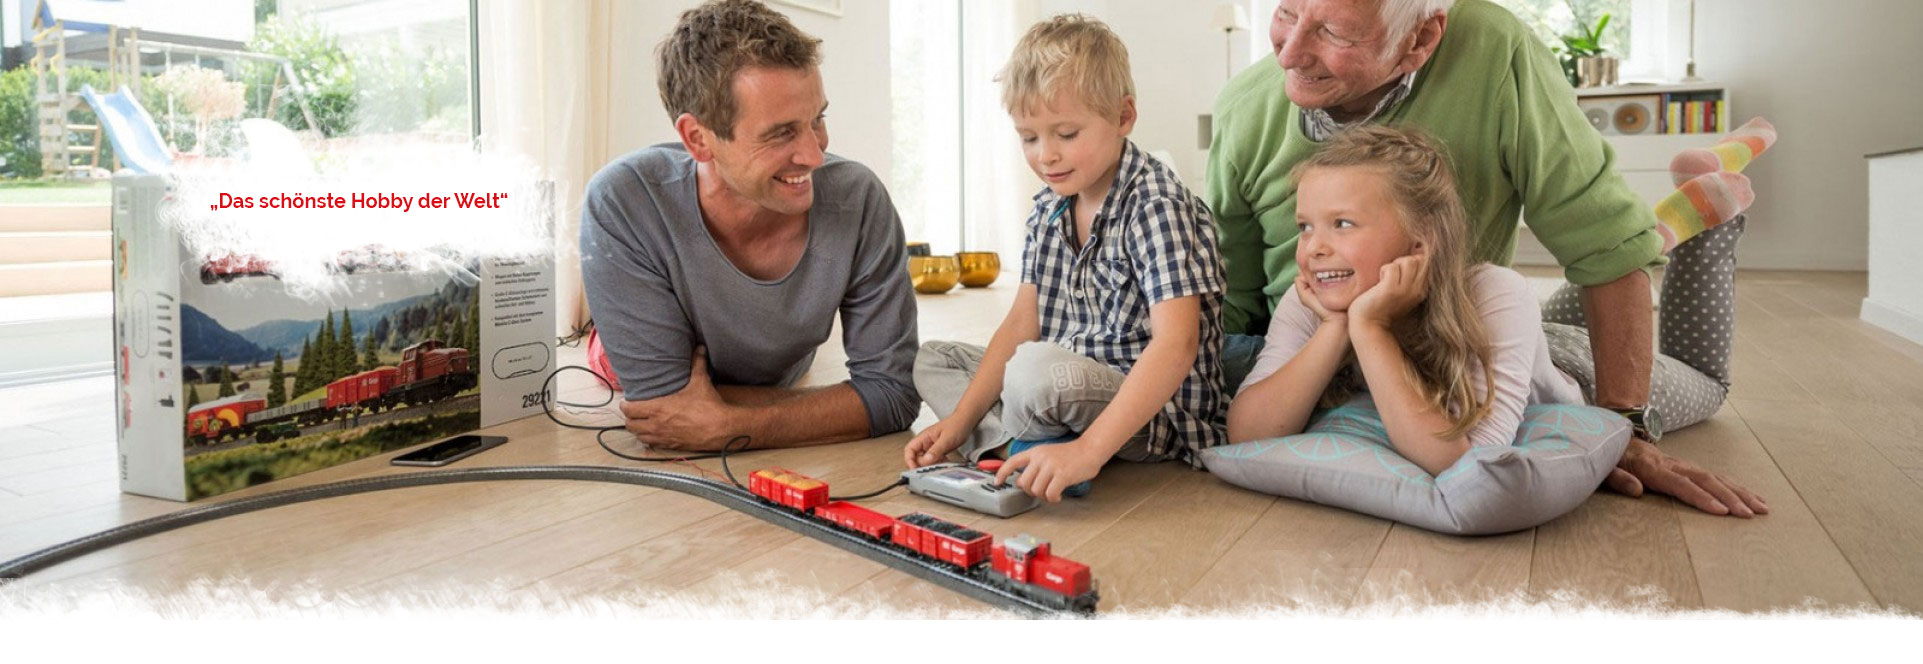 Frisch lackiert war die Lokomotive, die den Sonderzug nach Altenberg zog. Genauso glänzend wird sie zur traditionellen Modellbahnausstellung am 3. Adventswochenende strahlen